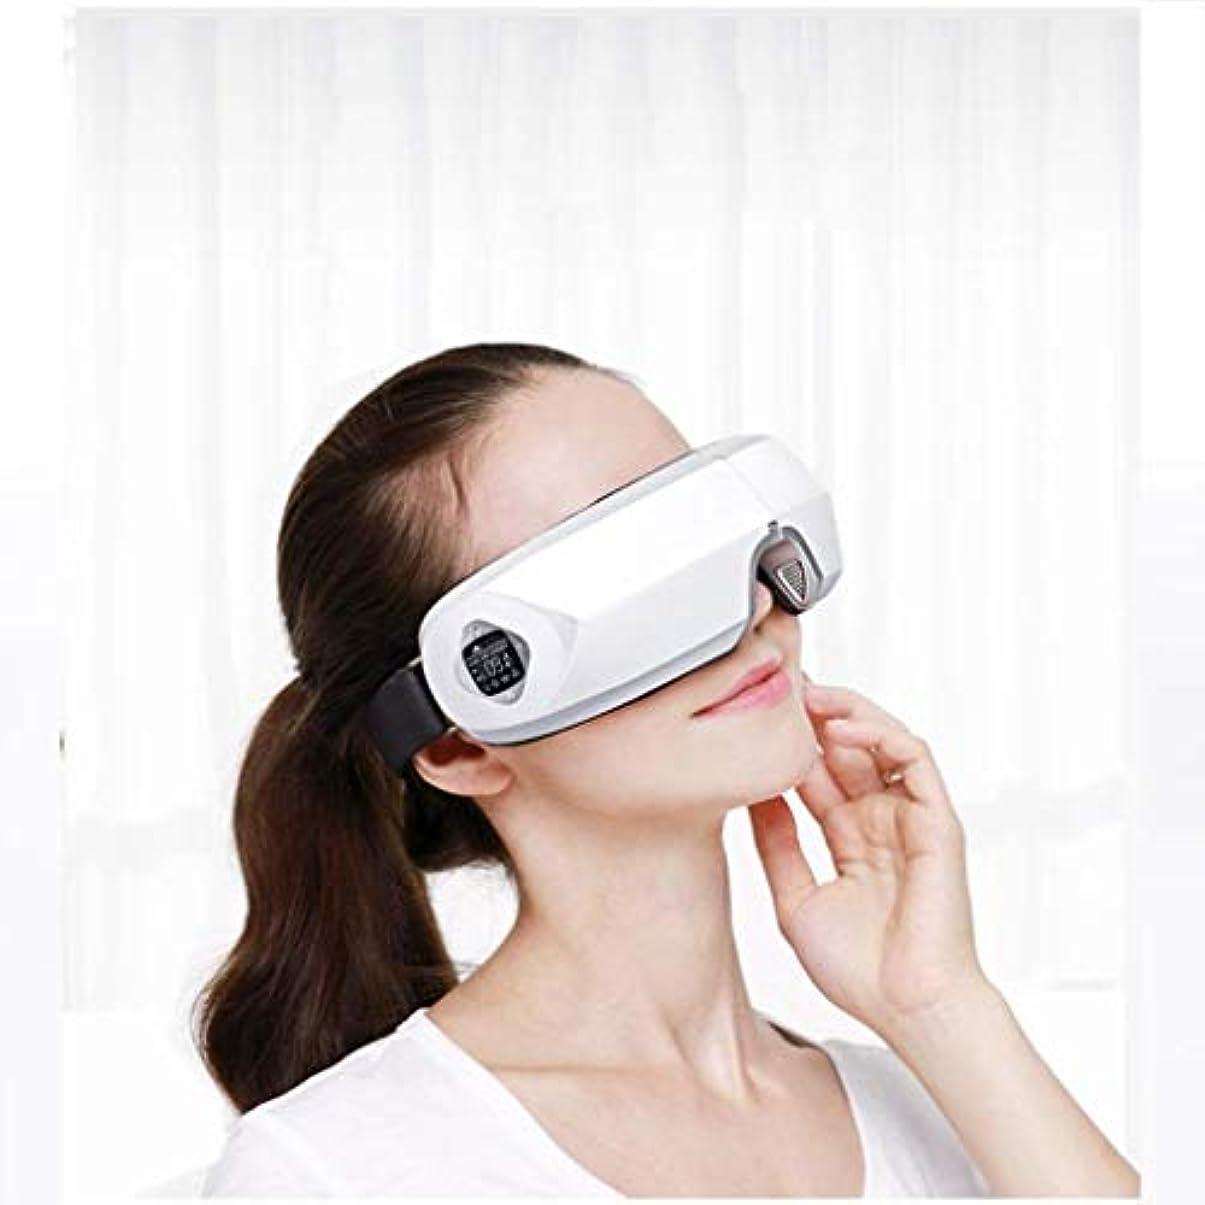 エリート戸口母アイマッサージャー、折り畳み式ポータブルマイナスイオンアイマッサージアイプロテクター、視力を保護し、疲労を軽減する熱アイマスク